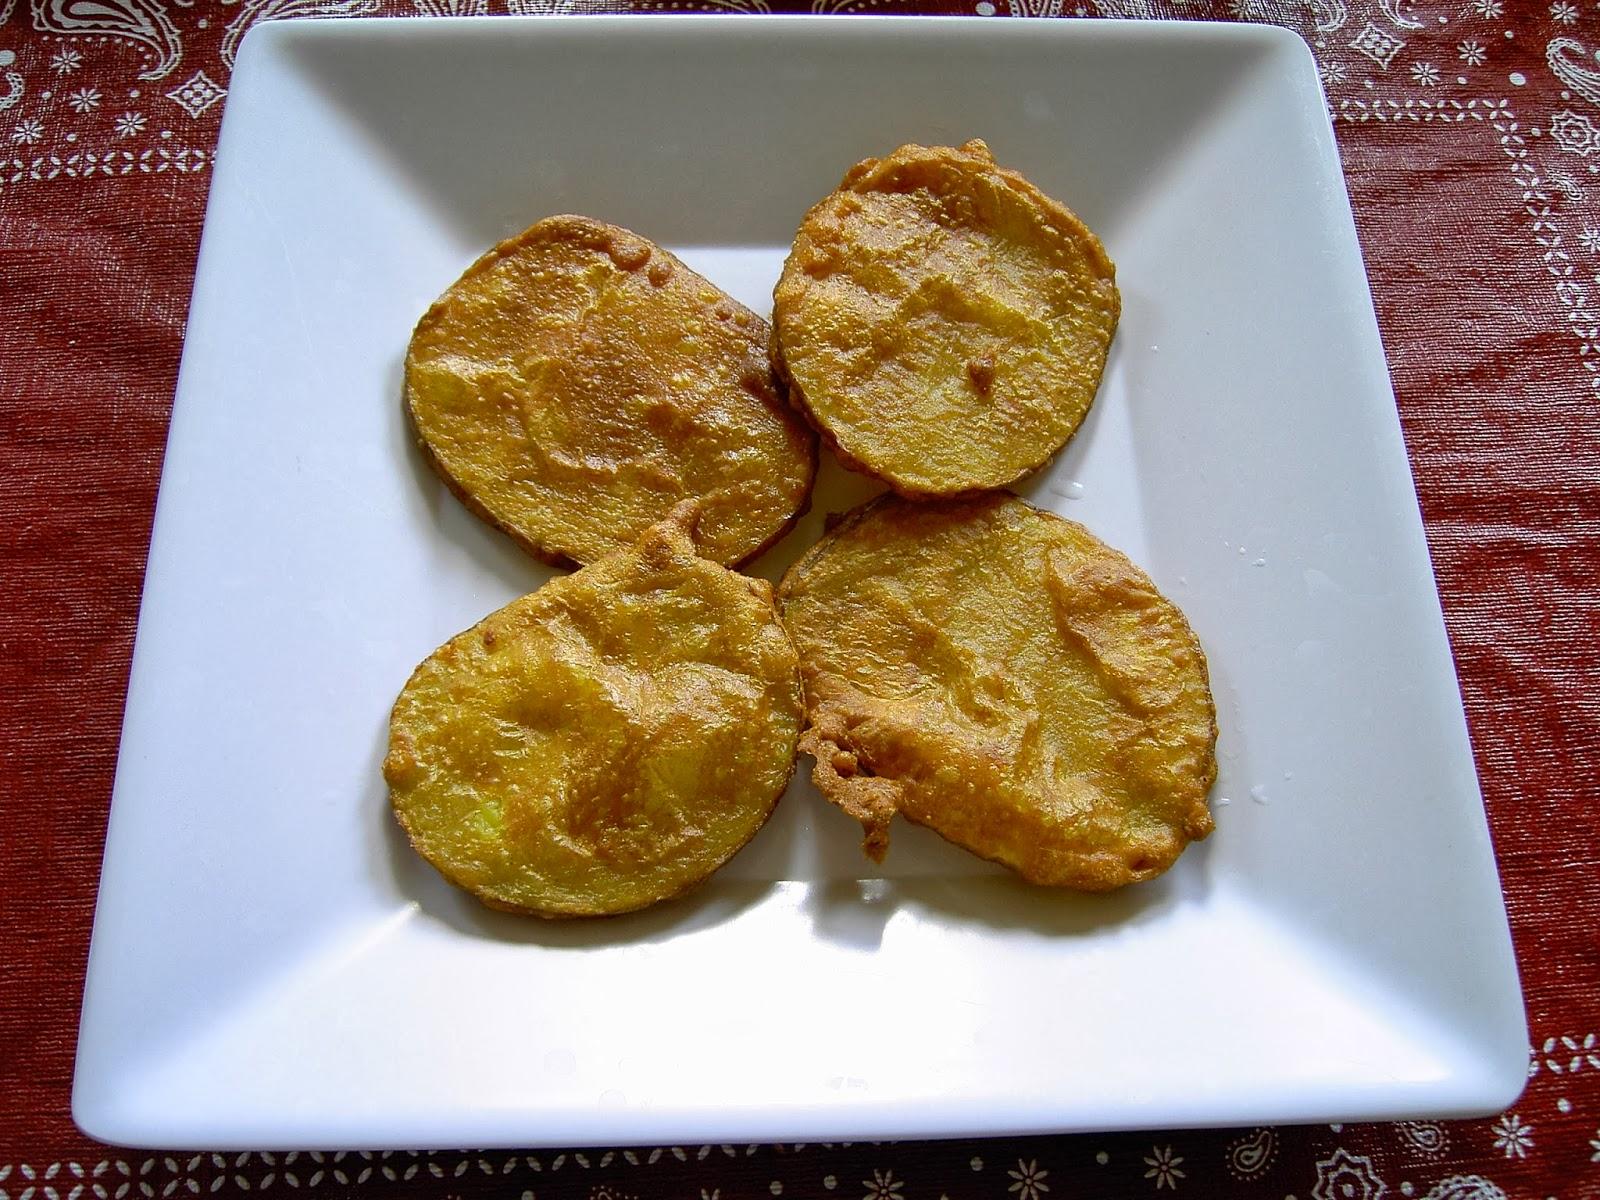 Enjoy Indian Food: Bhujiya/Pakoda - Onion & Potato fritters